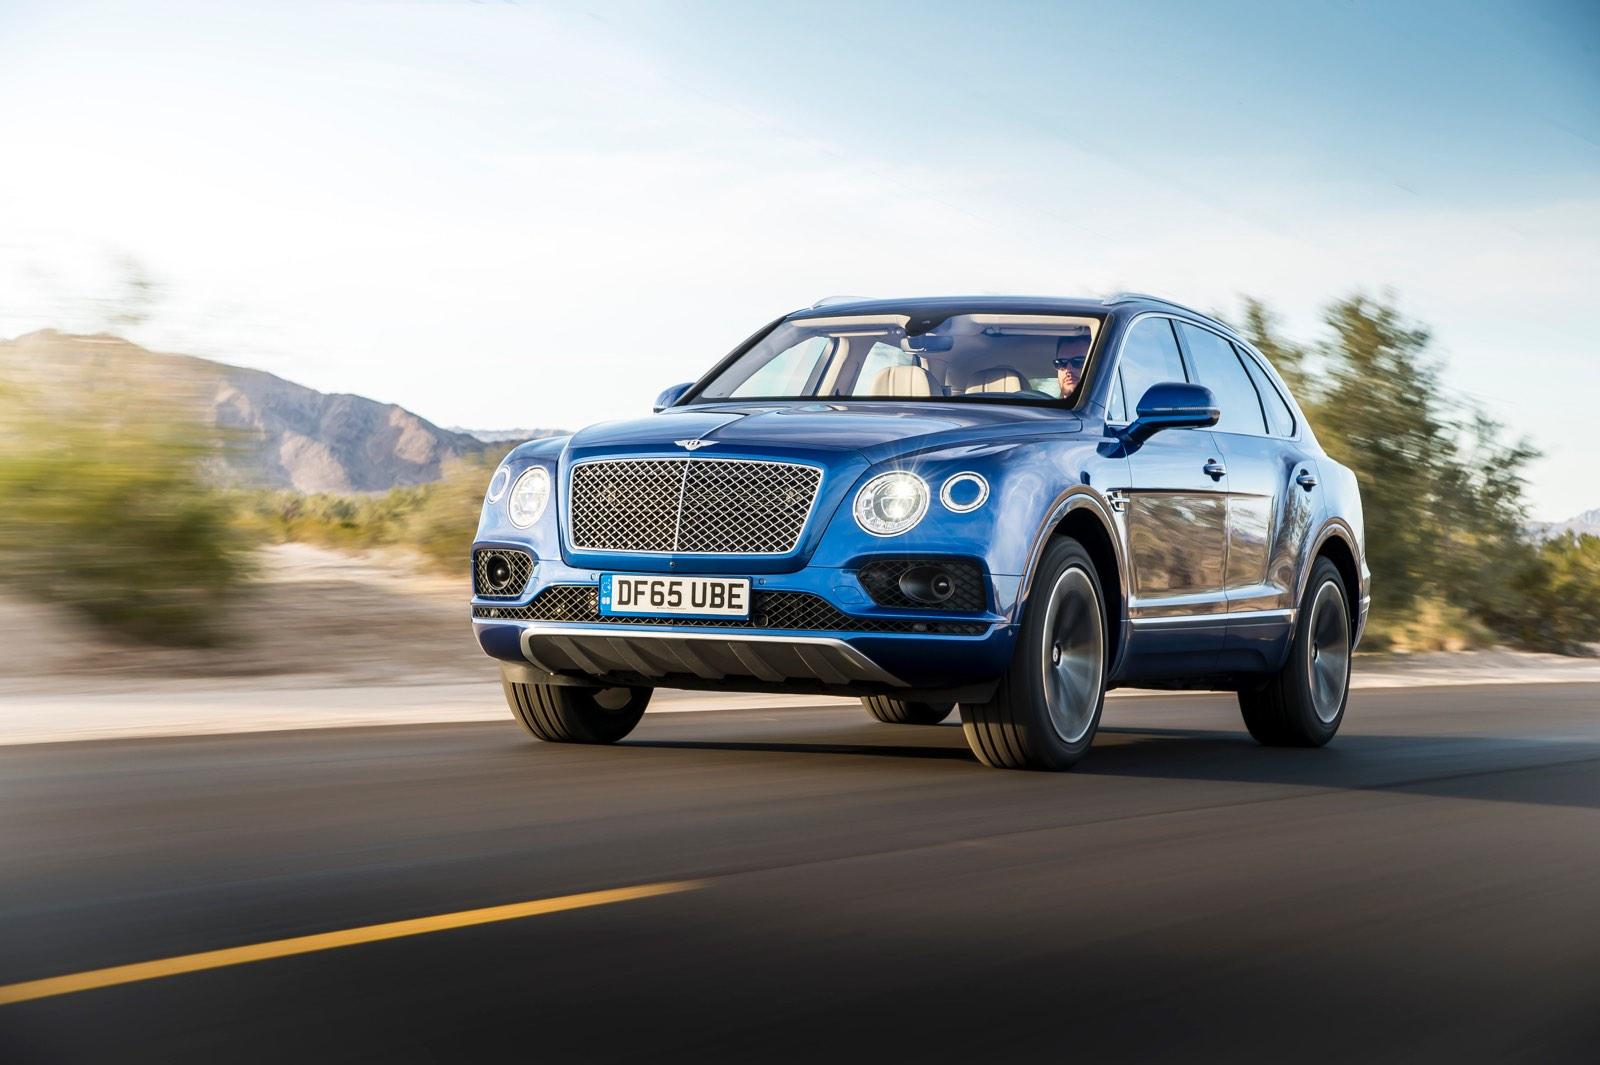 2016 Bentley Bentayga Review - GTspirit